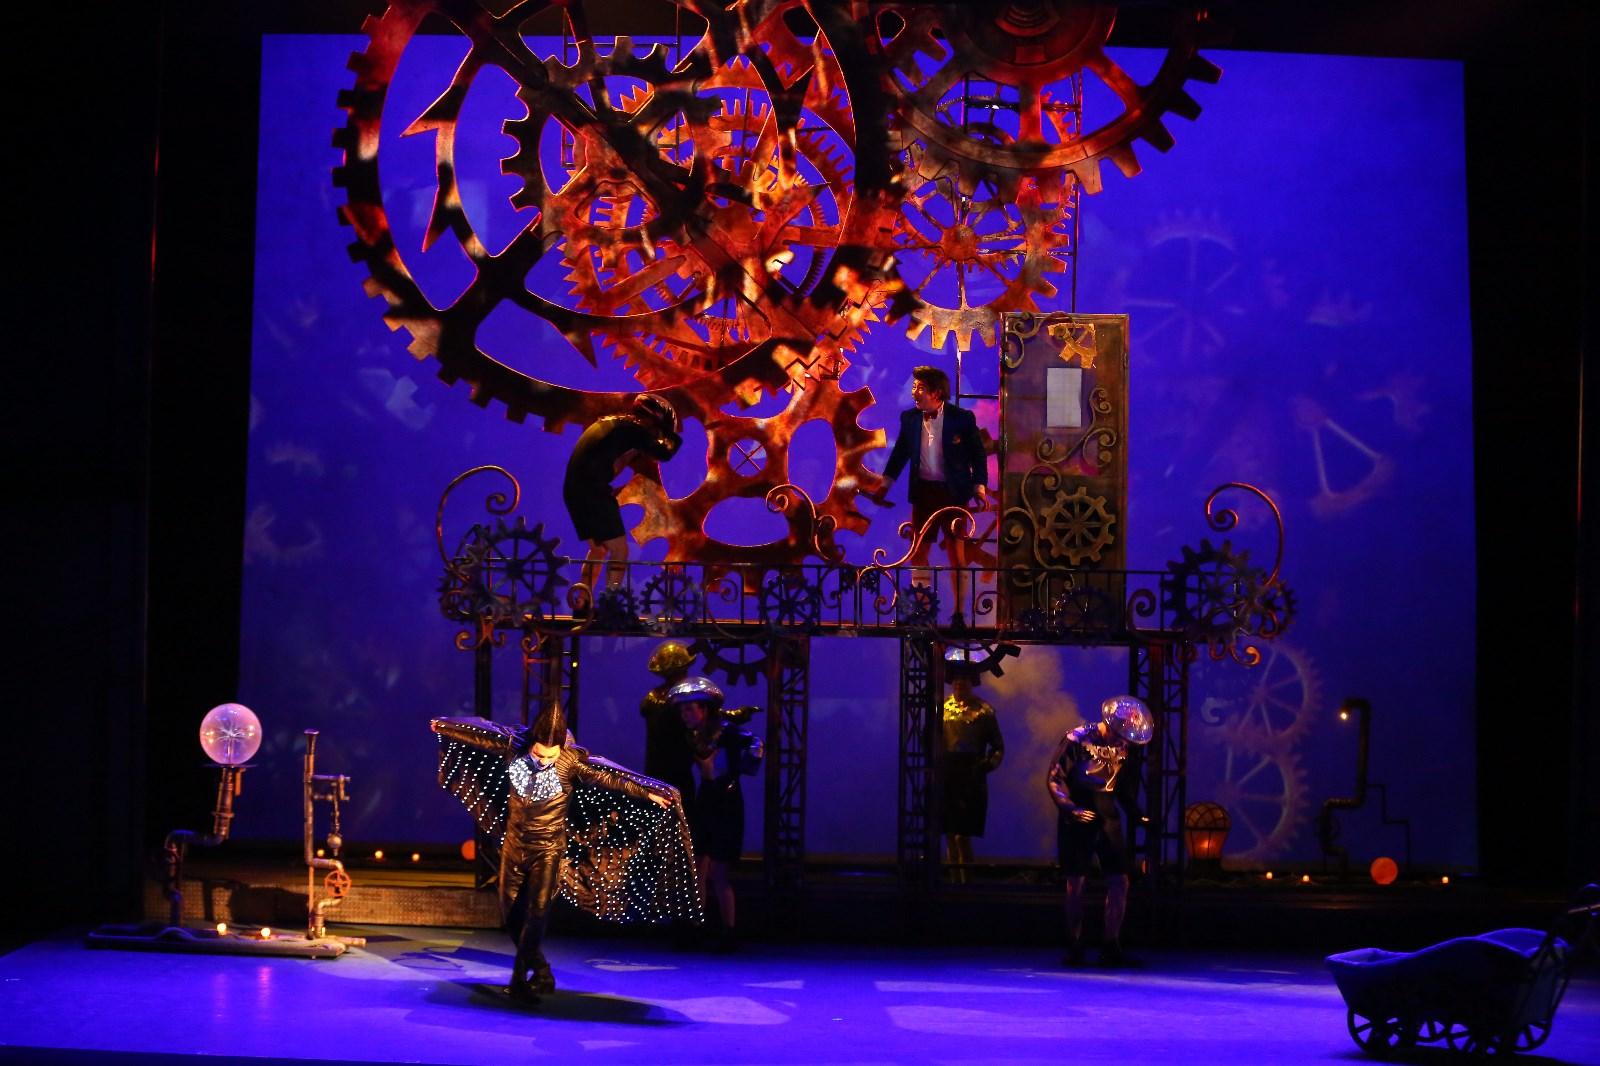 2018年全国舞台艺术优秀剧目展演——儿童剧《时间森林》即将上演